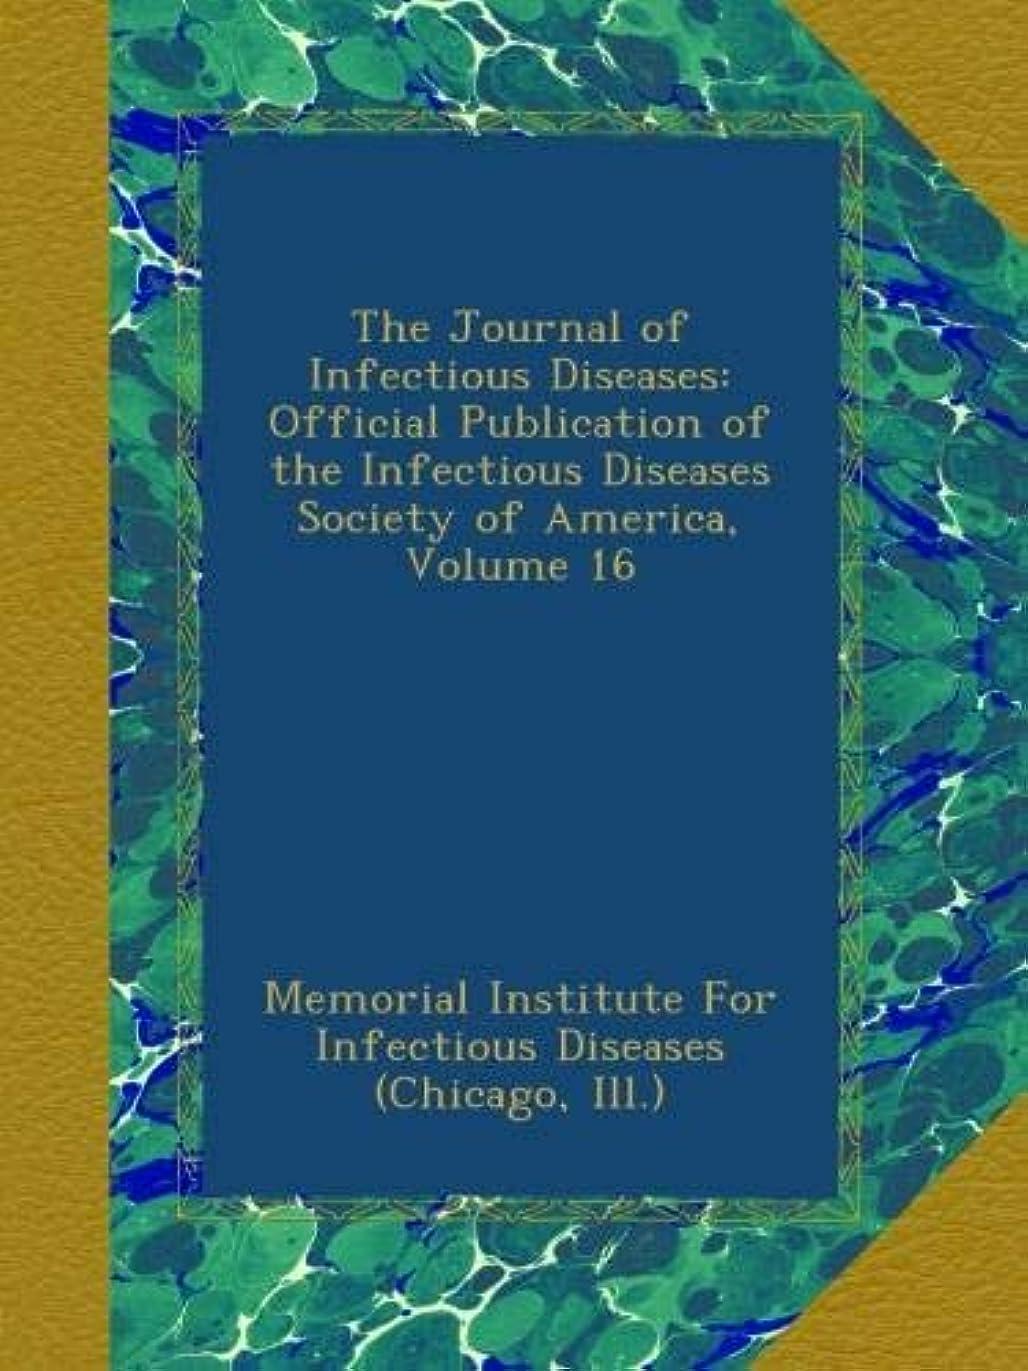 争うバイアス素晴らしい良い多くのThe Journal of Infectious Diseases: Official Publication of the Infectious Diseases Society of America, Volume 16